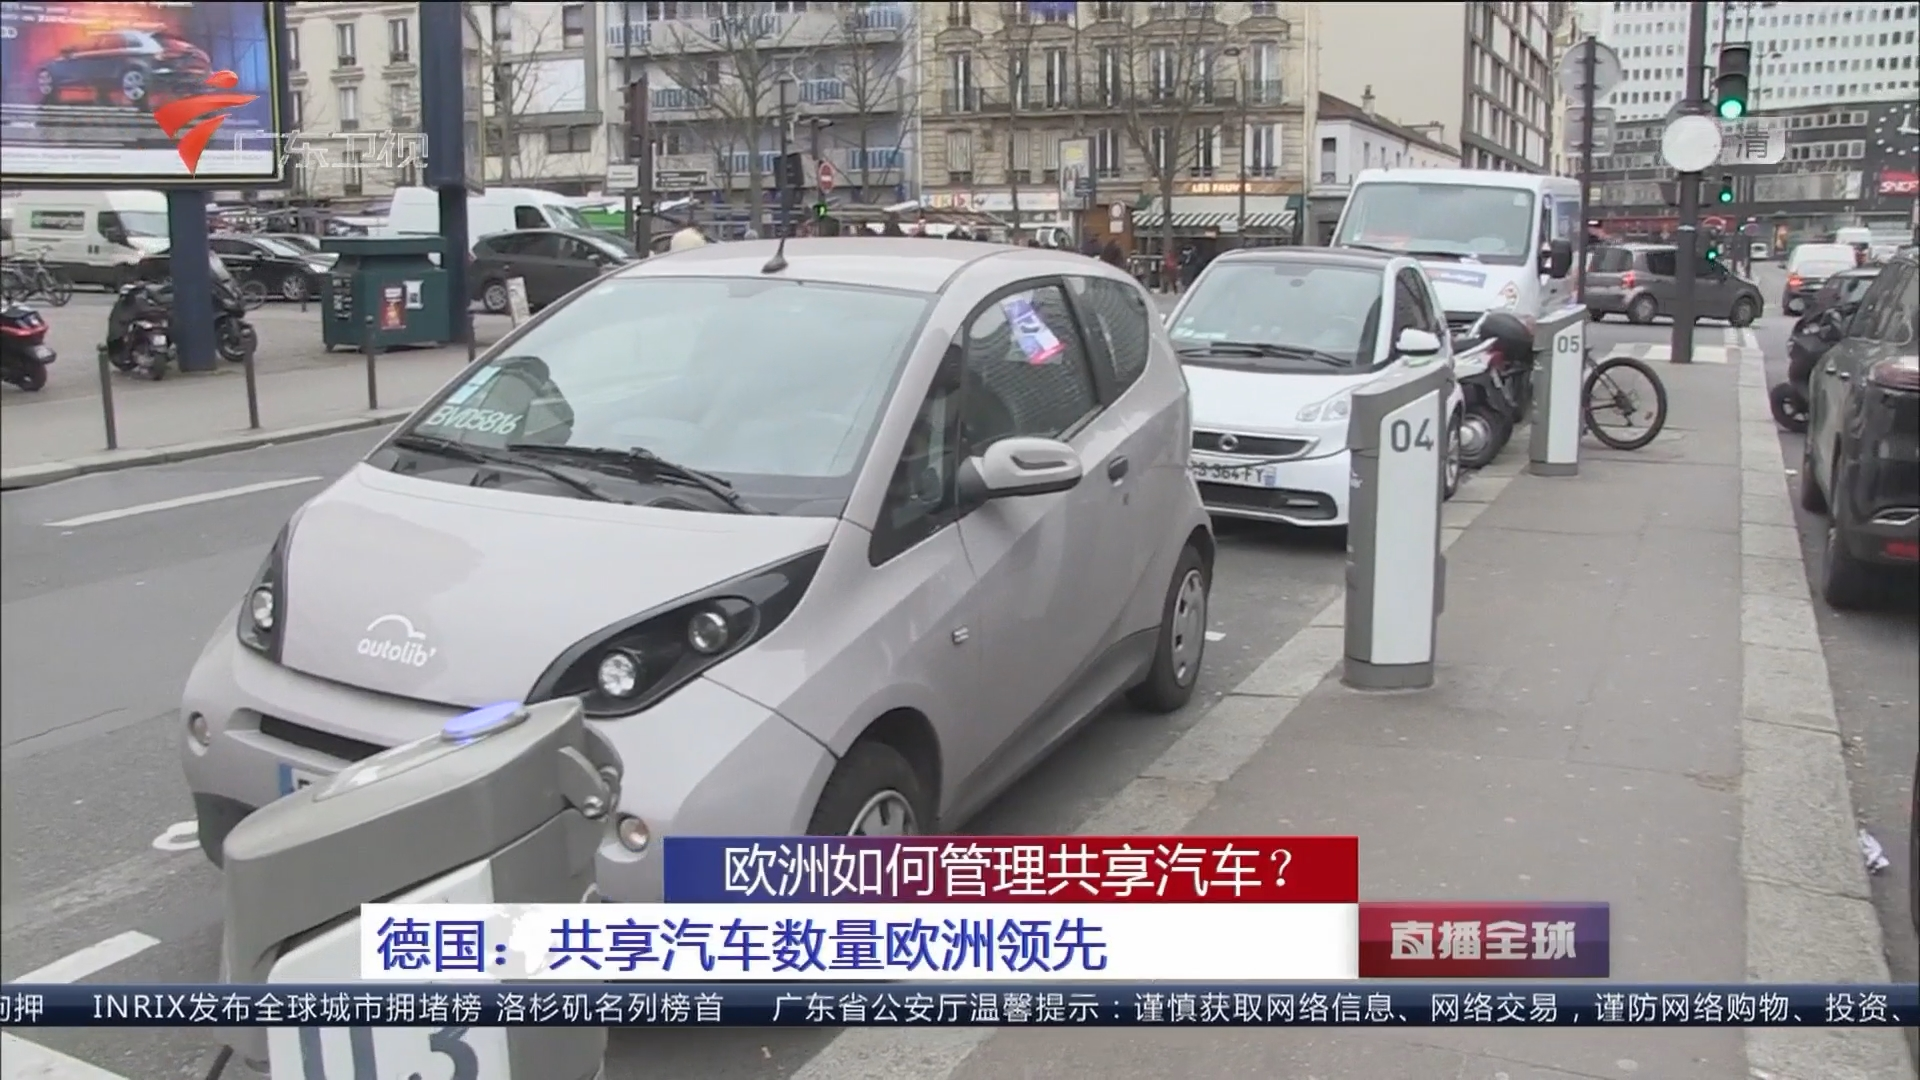 欧洲如何管理共享汽车?德国:共享汽车数量欧洲领先